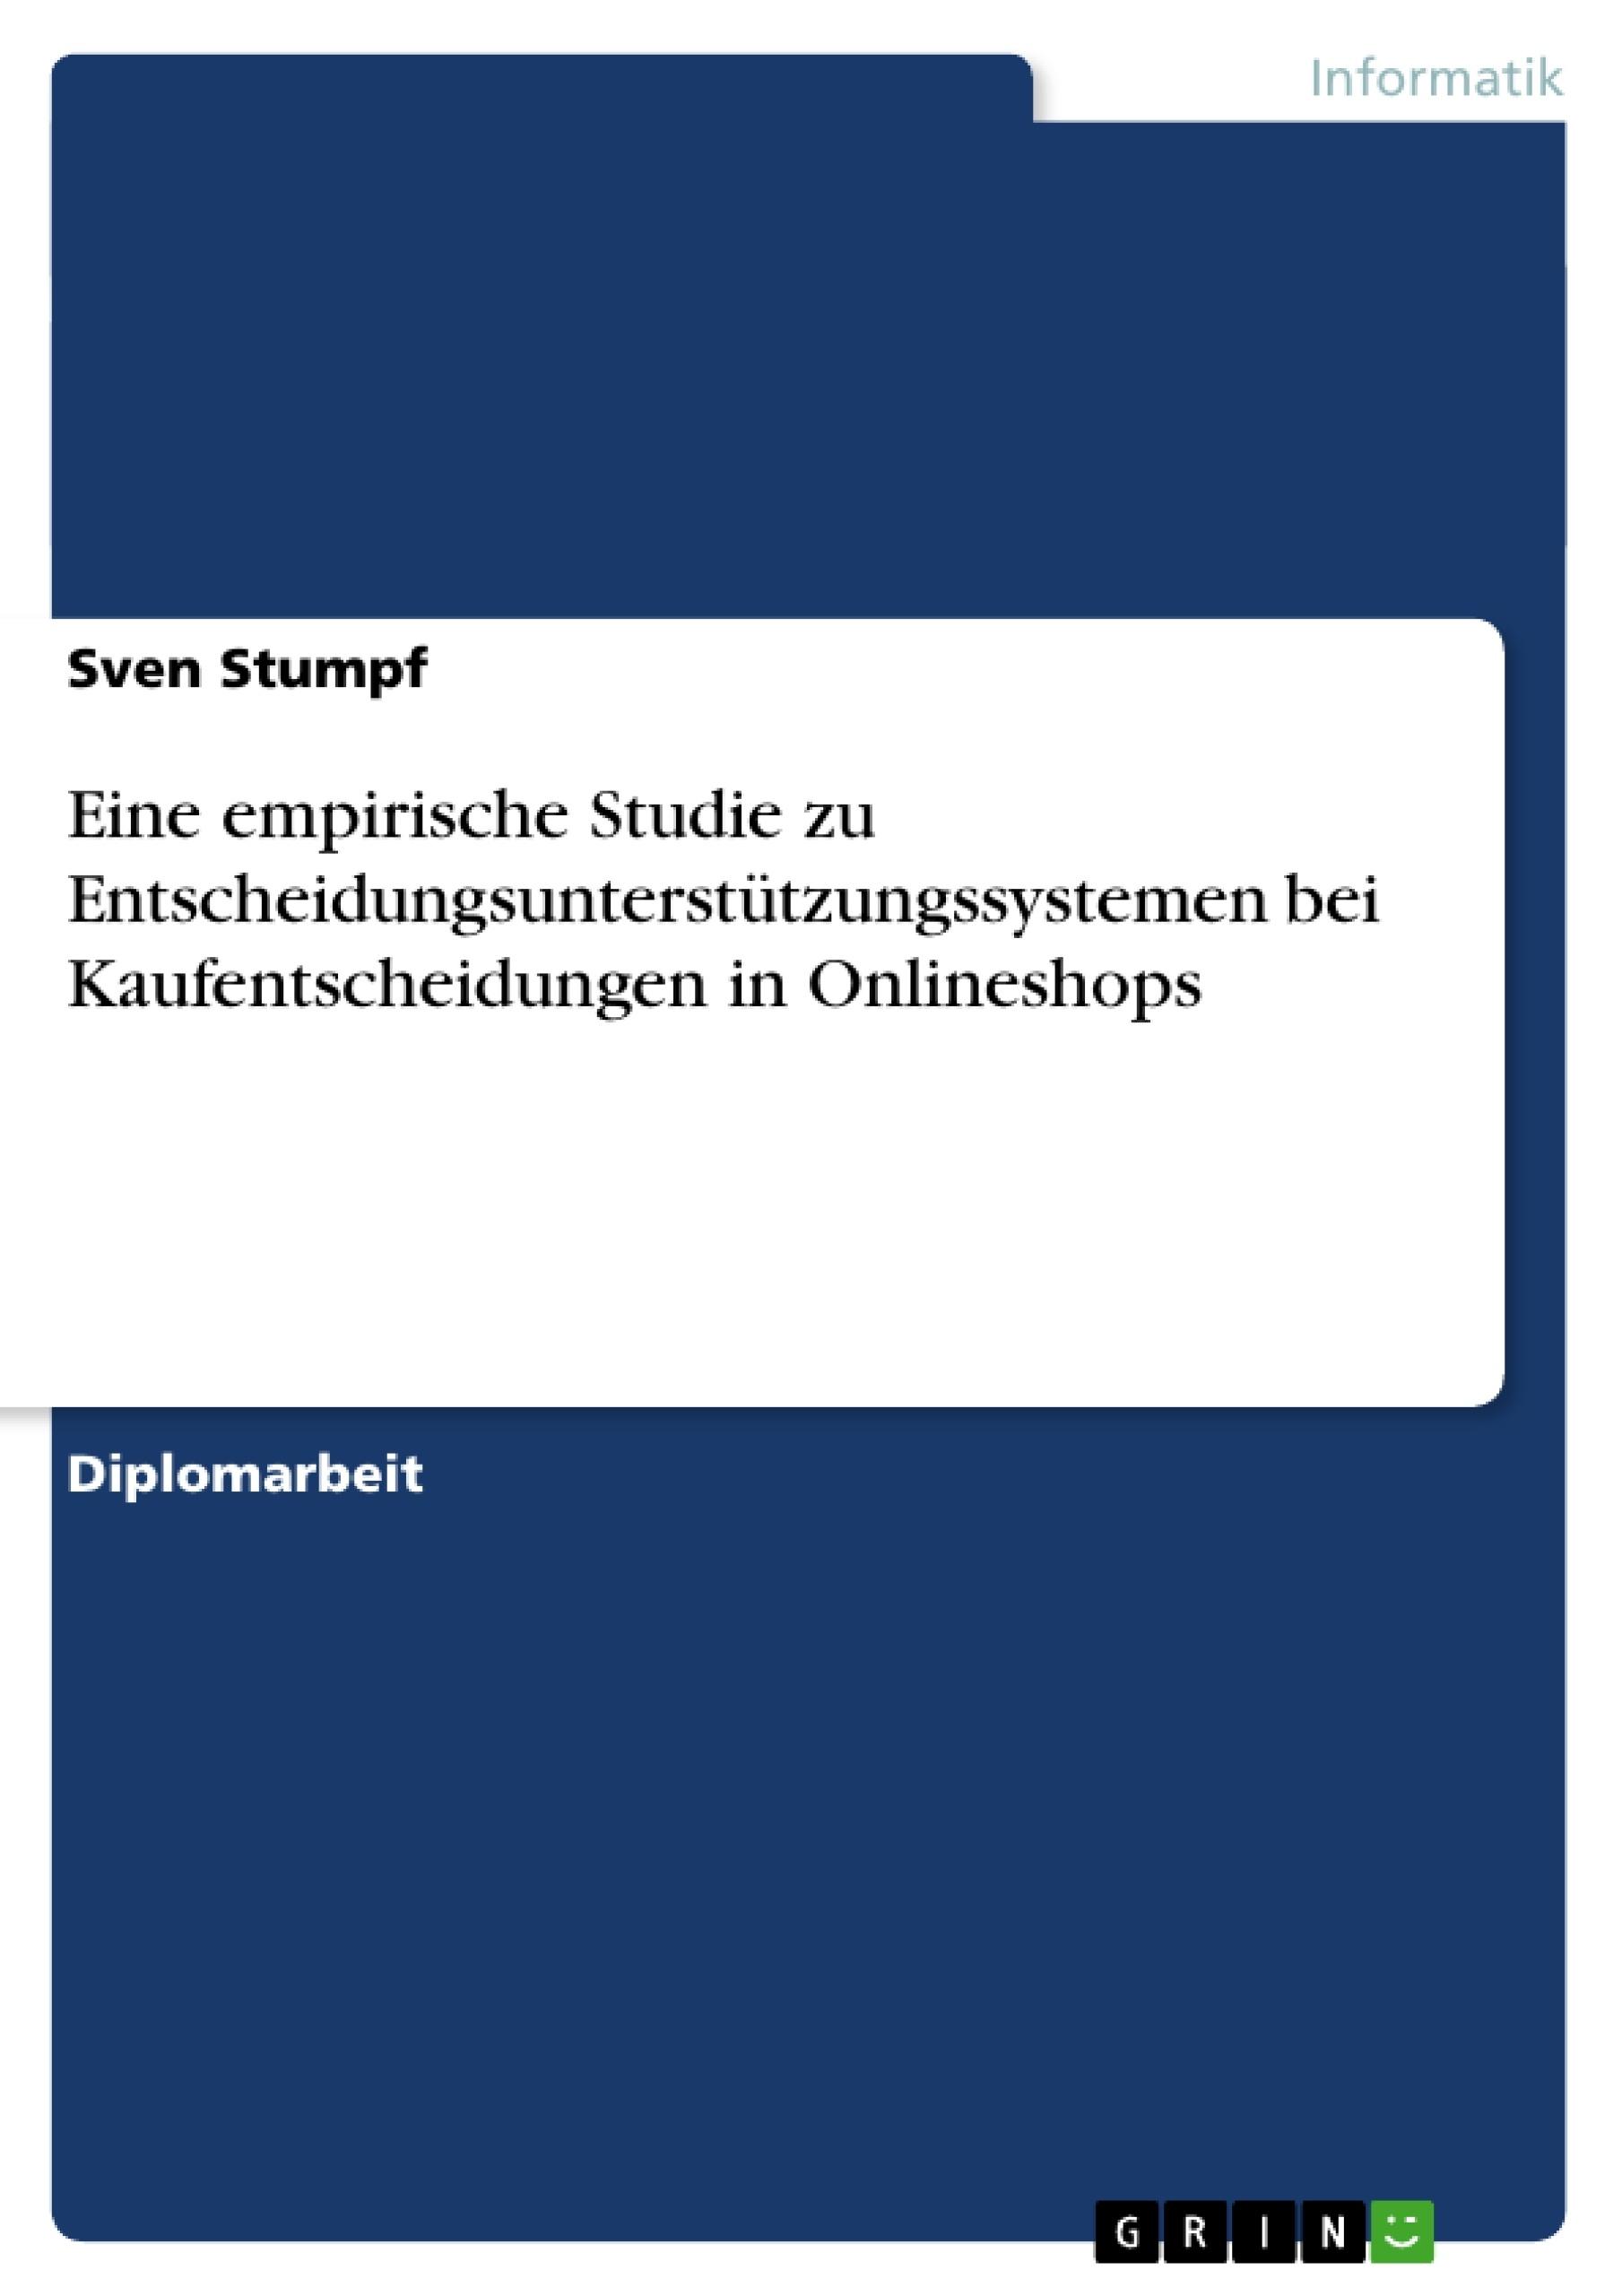 Titel: Eine empirische Studie zu Entscheidungsunterstützungssystemen bei Kaufentscheidungen in Onlineshops